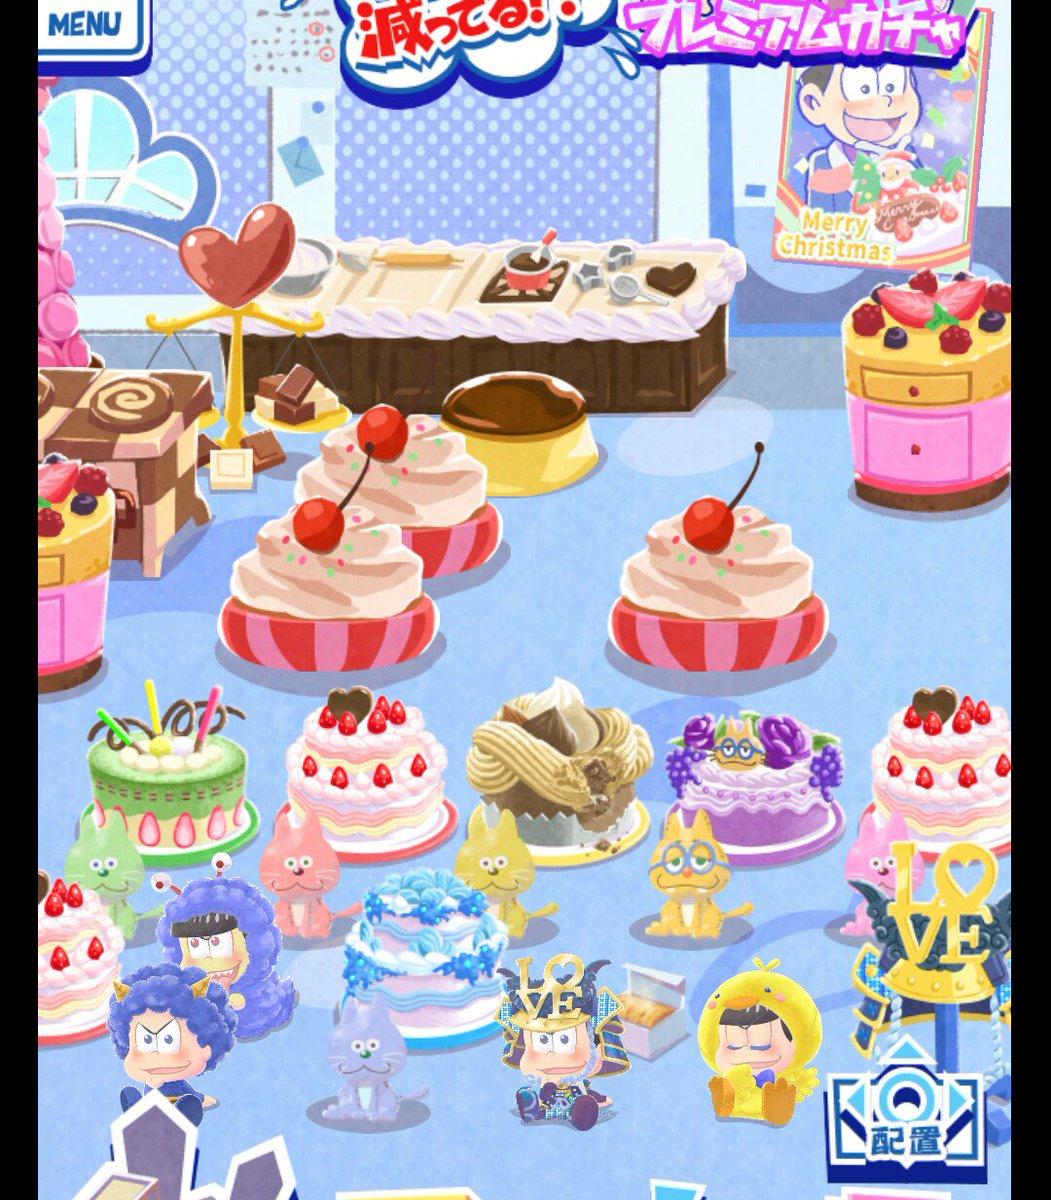 大好きなカラ松さんの青薔薇のケーキにフェリーニさんとハザマさんな緑のケーキに滝谷さんな眼鏡猫ちゃんとケーキにサンダーボル